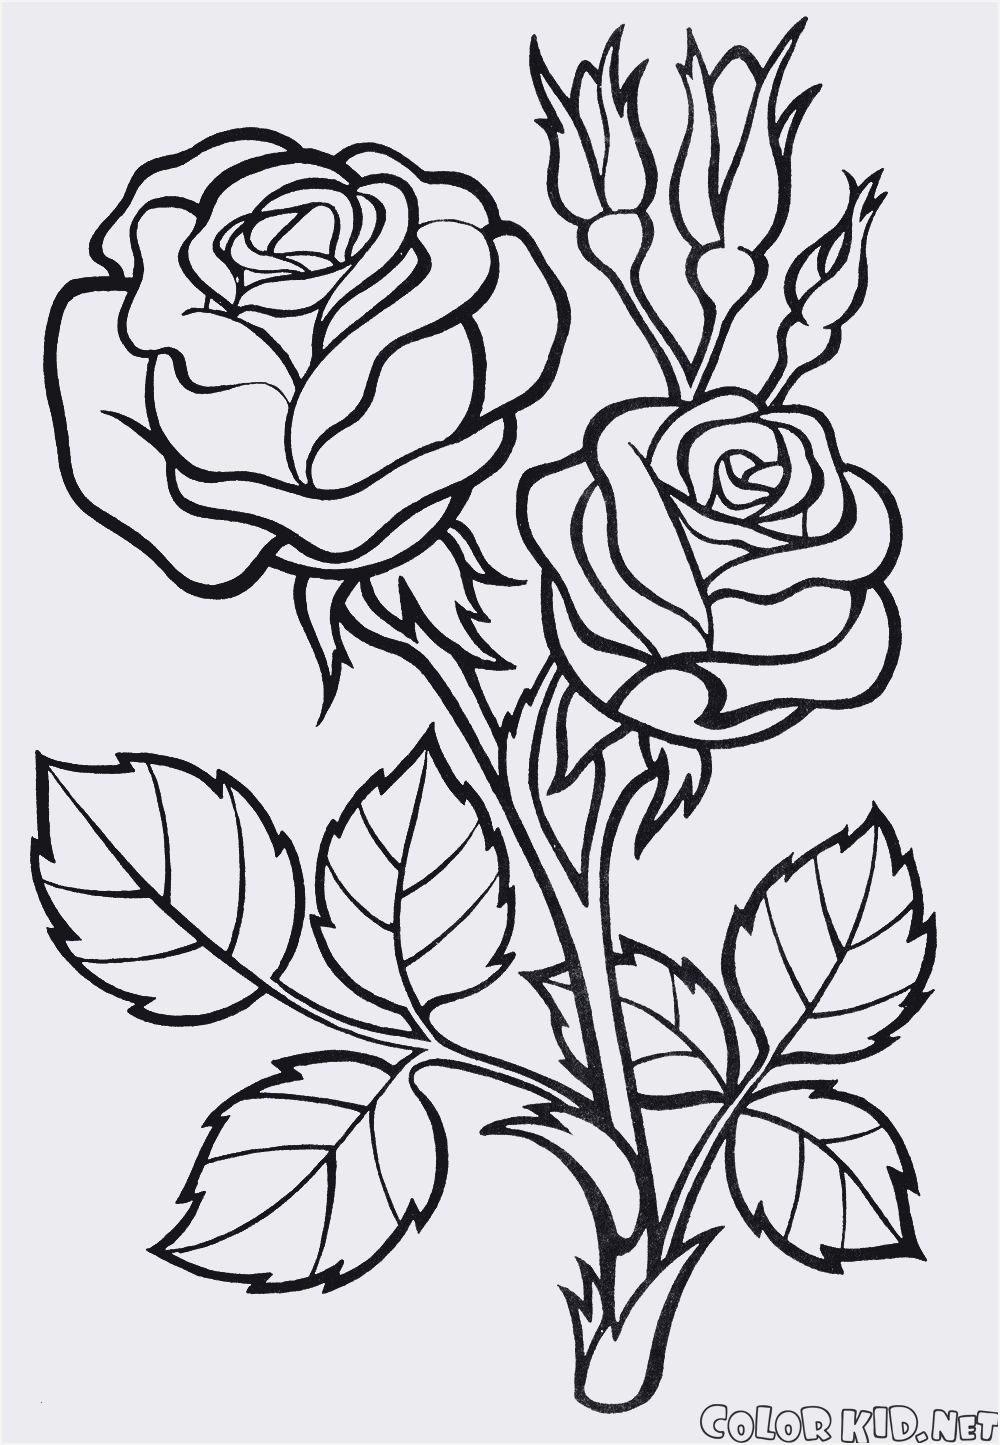 Mandala Zum Ausdrucken Rosen Genial Rose Ausmalbilder Einzigartig 32 Malvorlagen Blumen Rosen Bilder